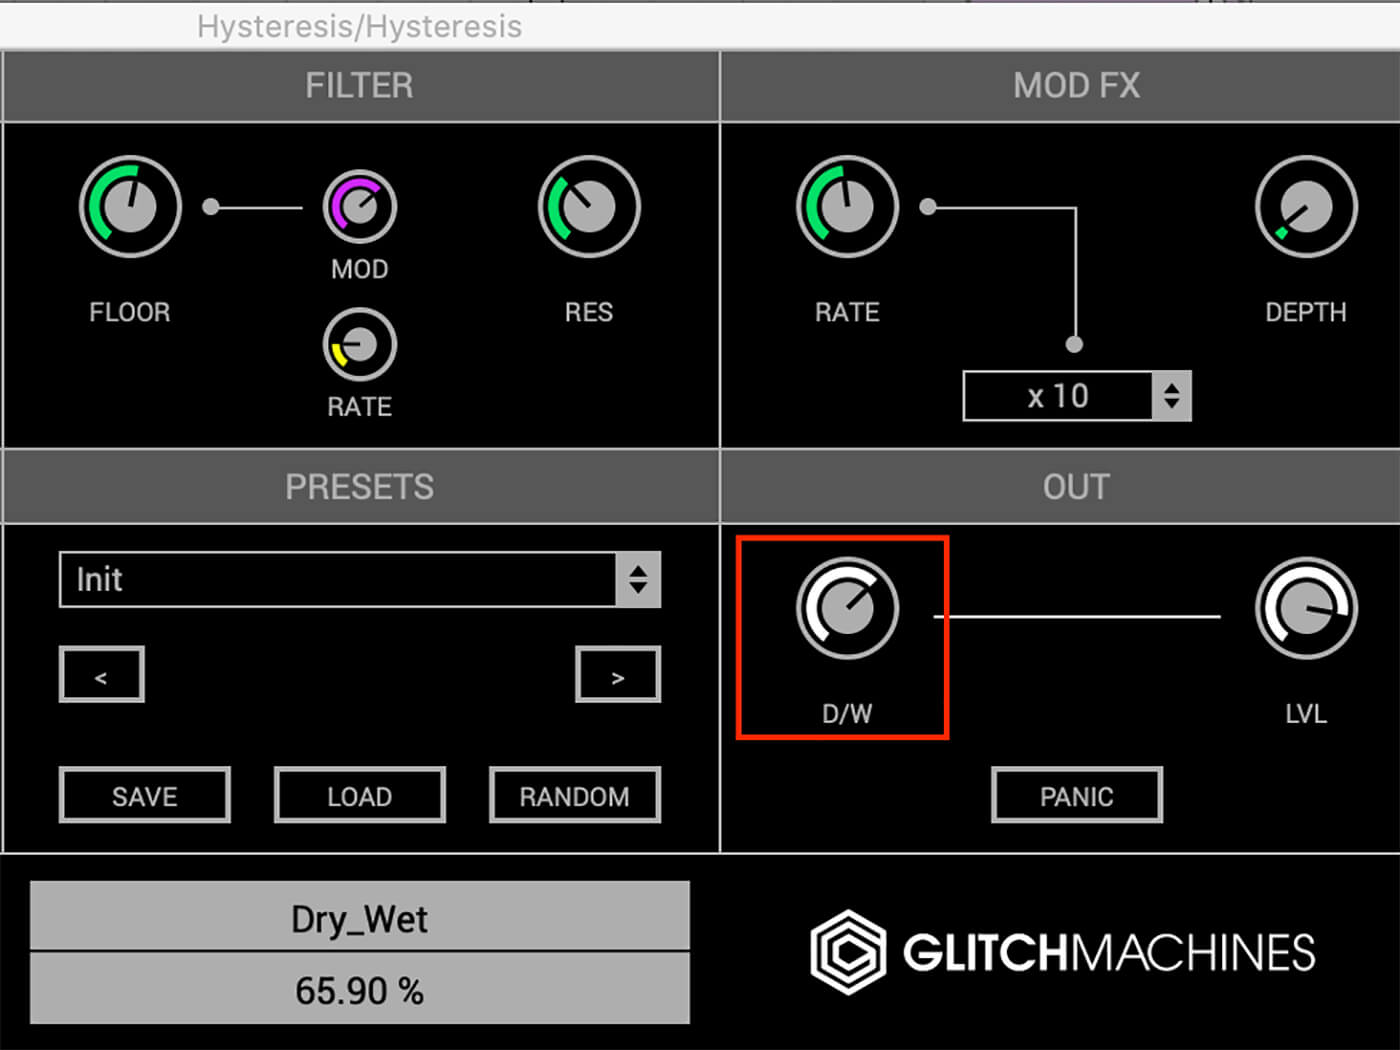 Weekend Workshop Glitchmachines' Hysteresis Image 10